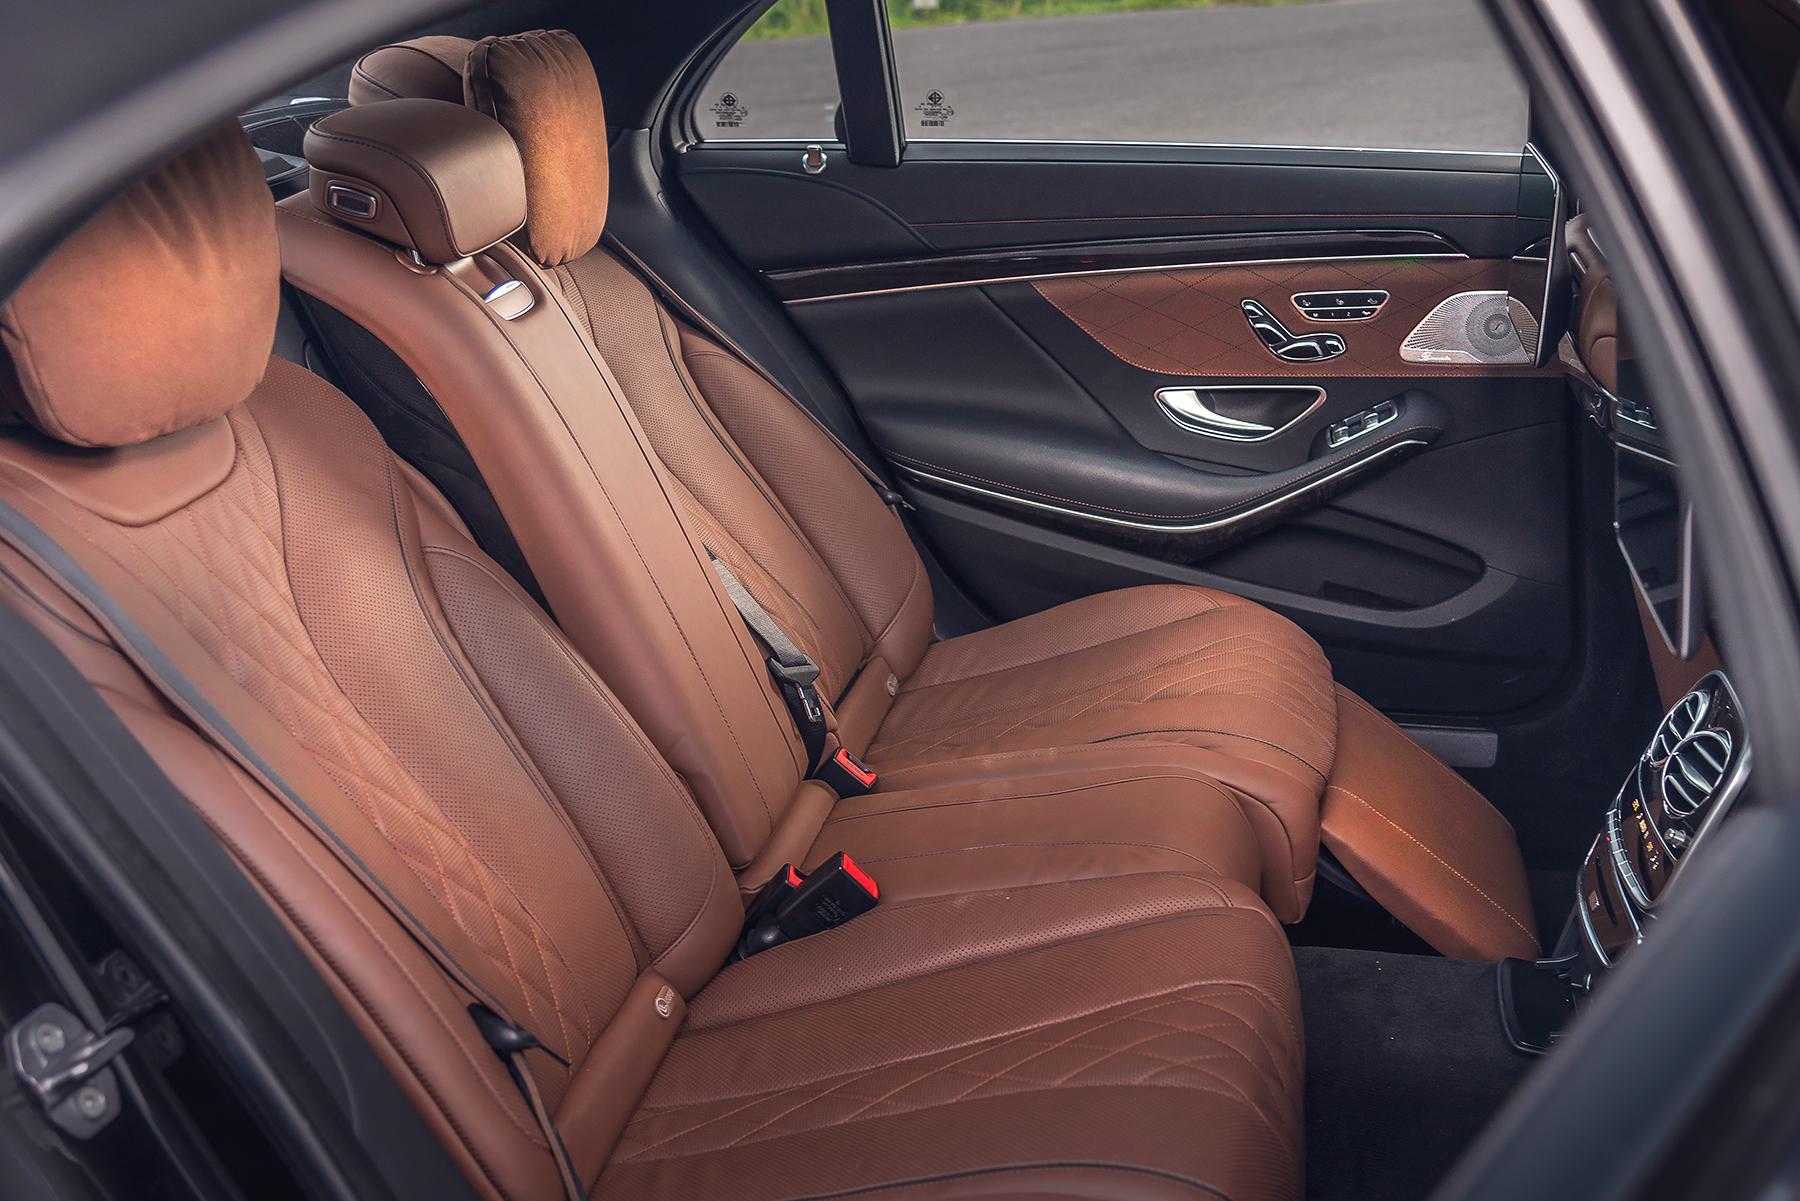 Mercedes-Benz S350d